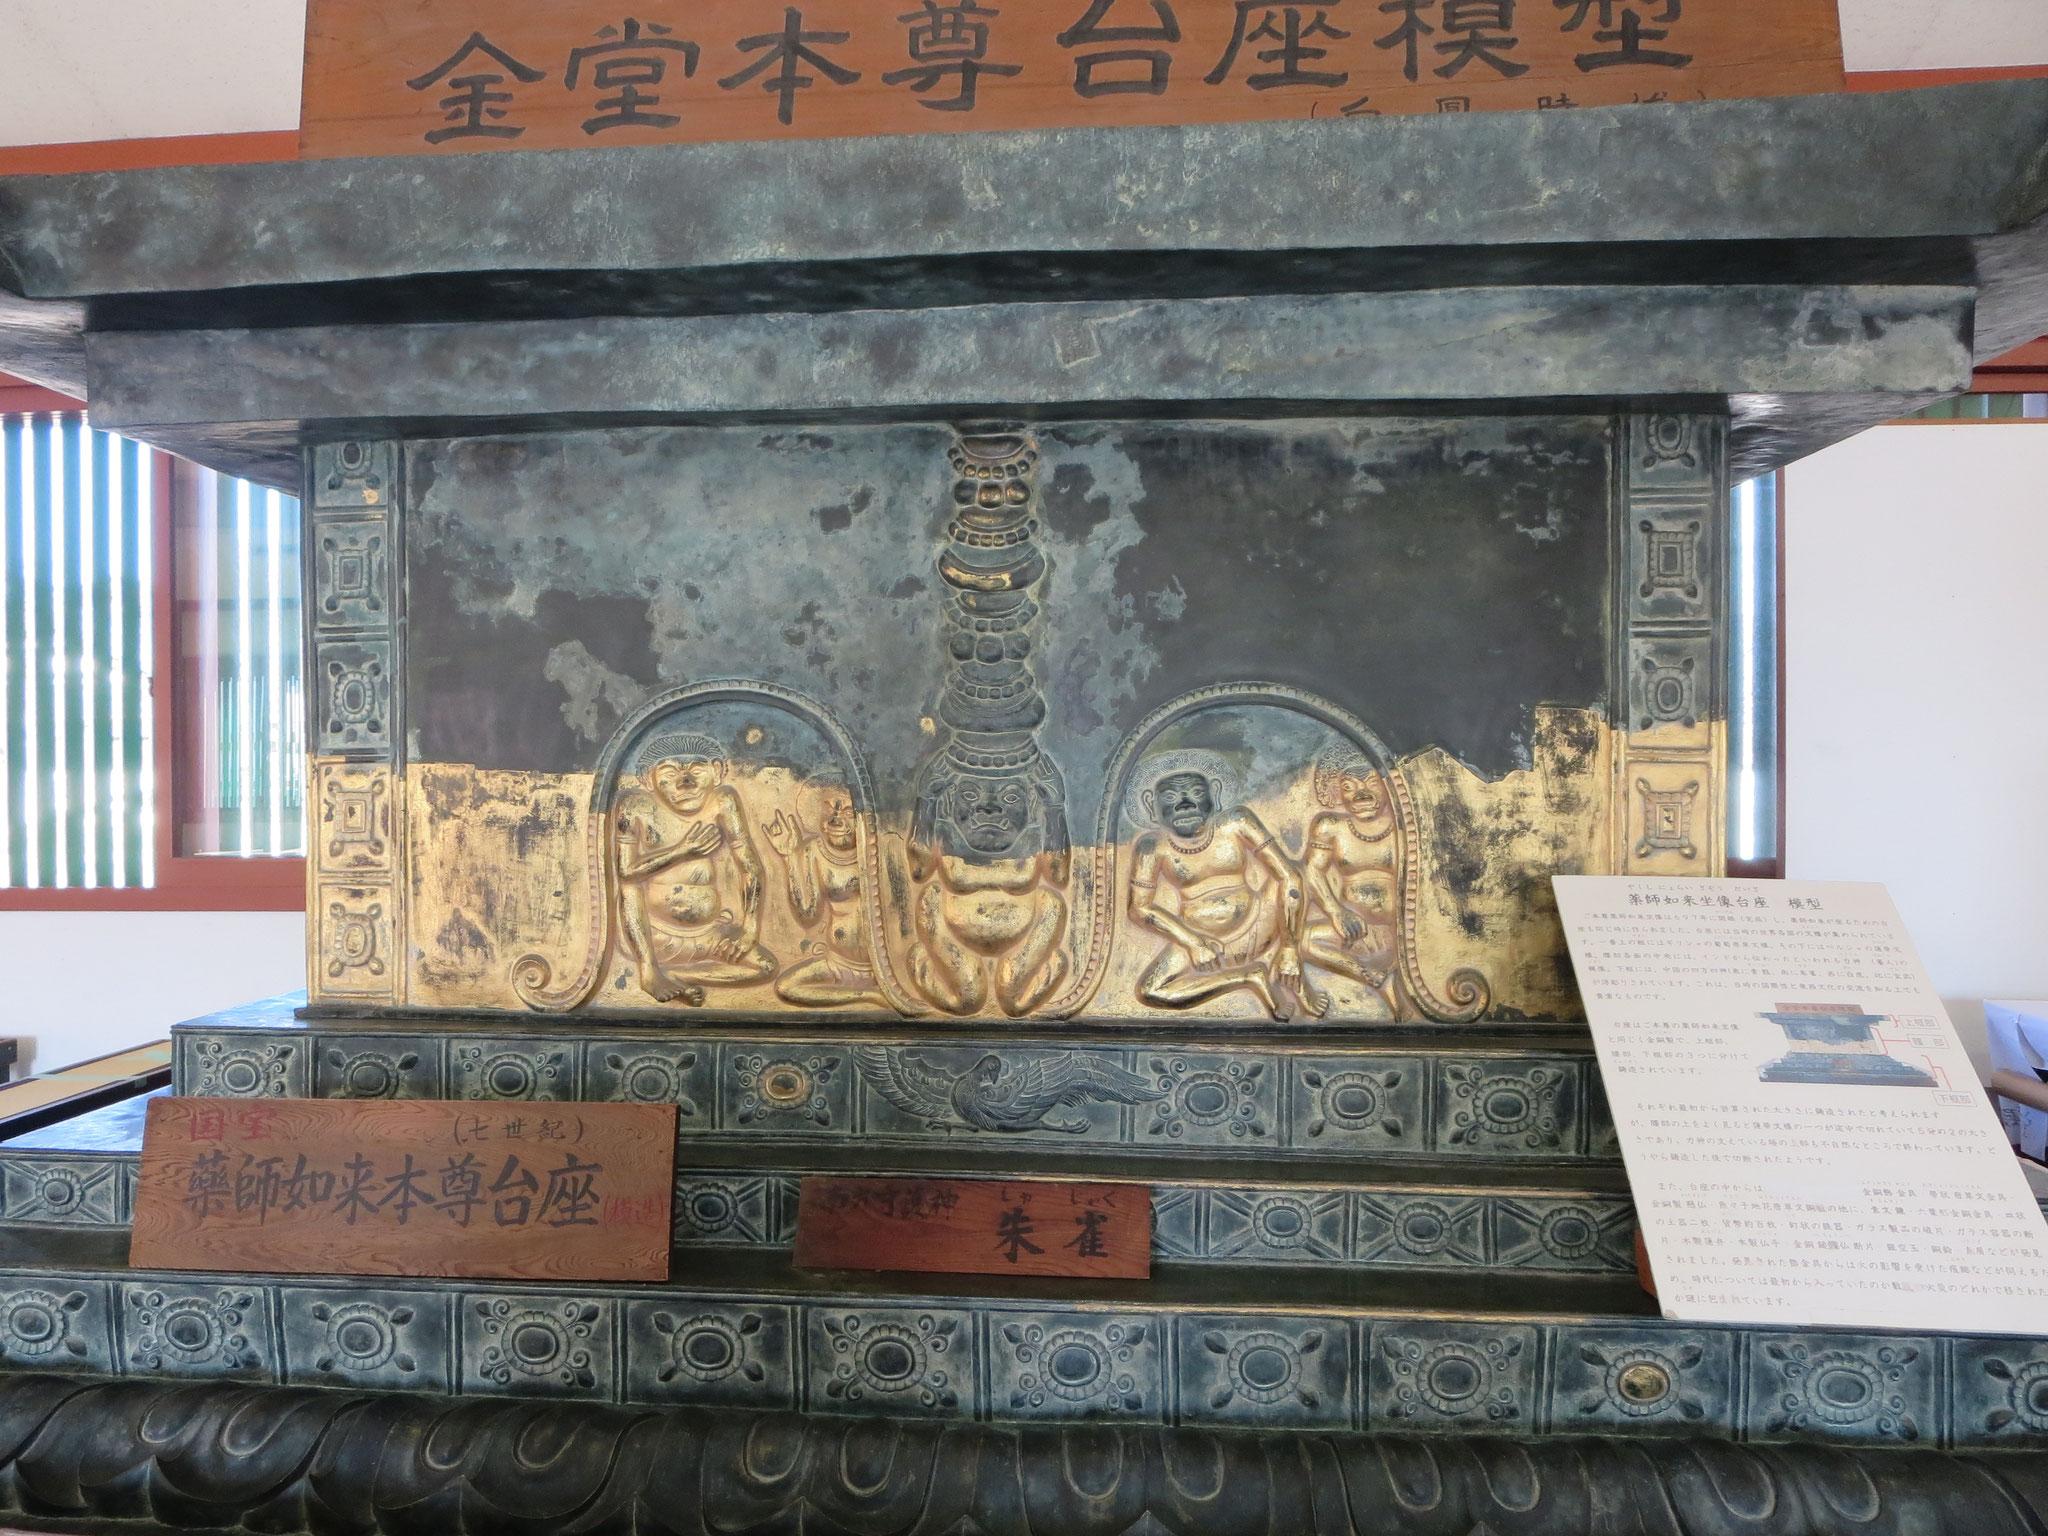 金堂台座 模型 朱雀(南)